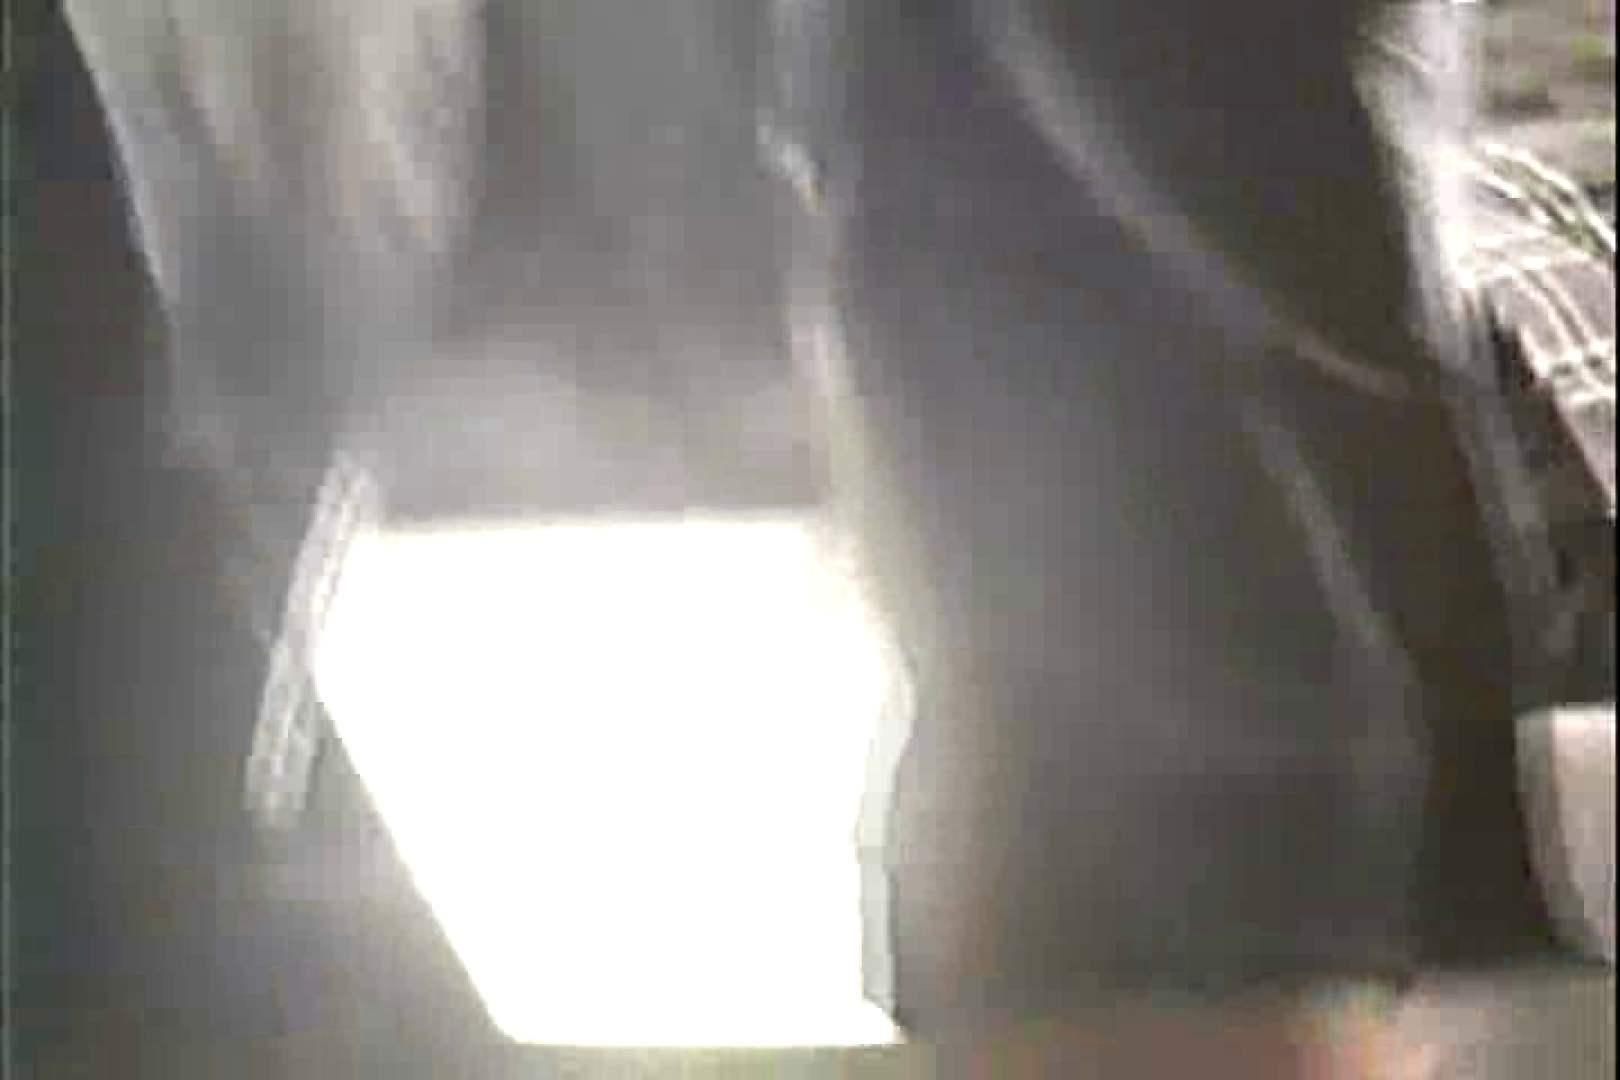 「ちくりん」さんのオリジナル未編集パンチラVol.3_02 エロティックなOL SEX無修正画像 87画像 18